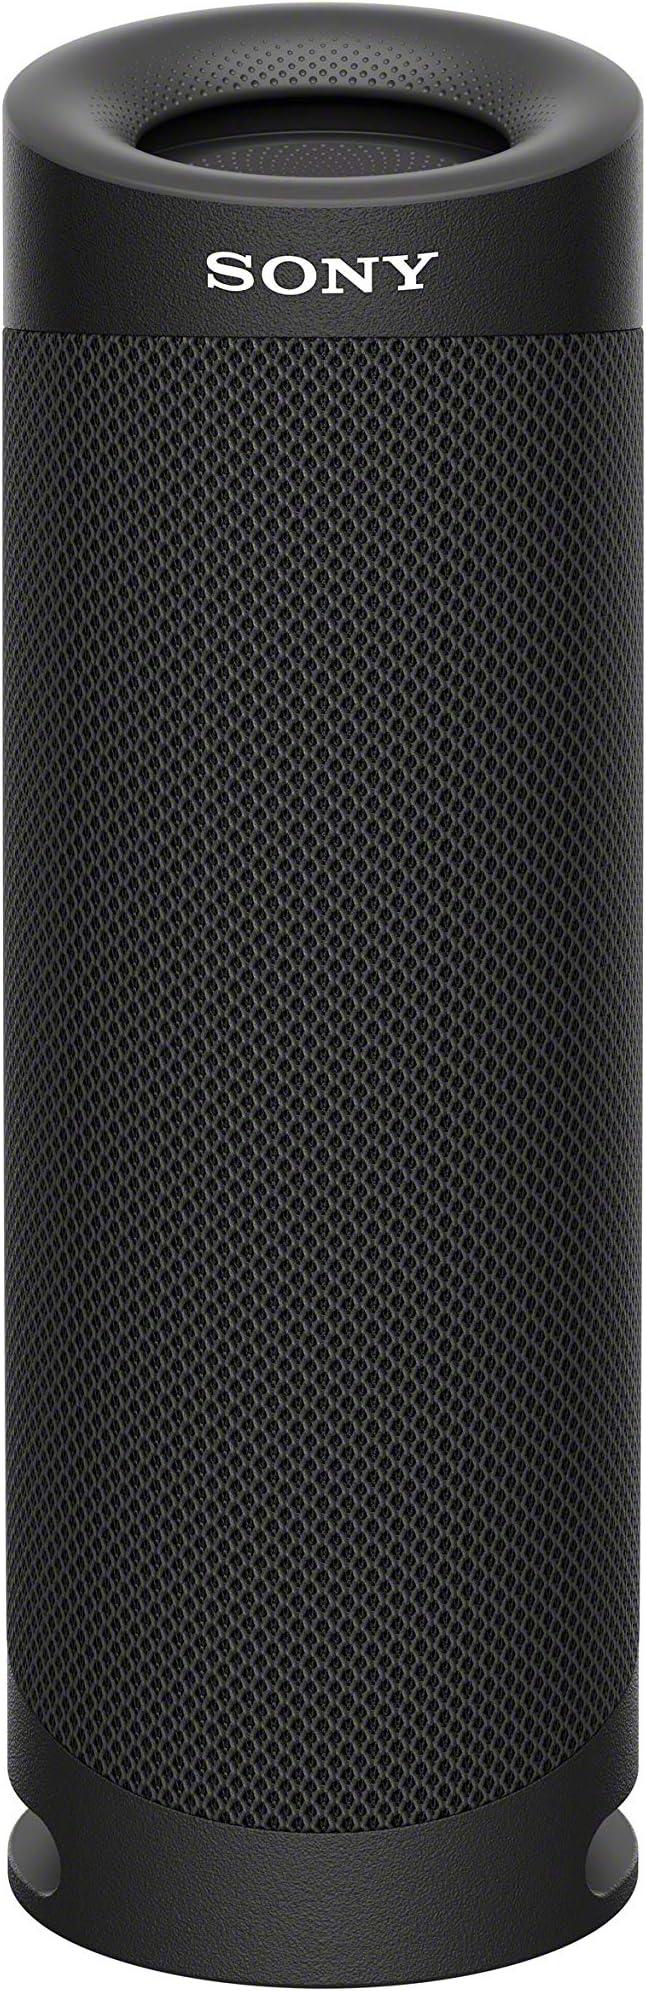 Sony SRS-XB23 EXTRA BASS Wireless Portable Speaker